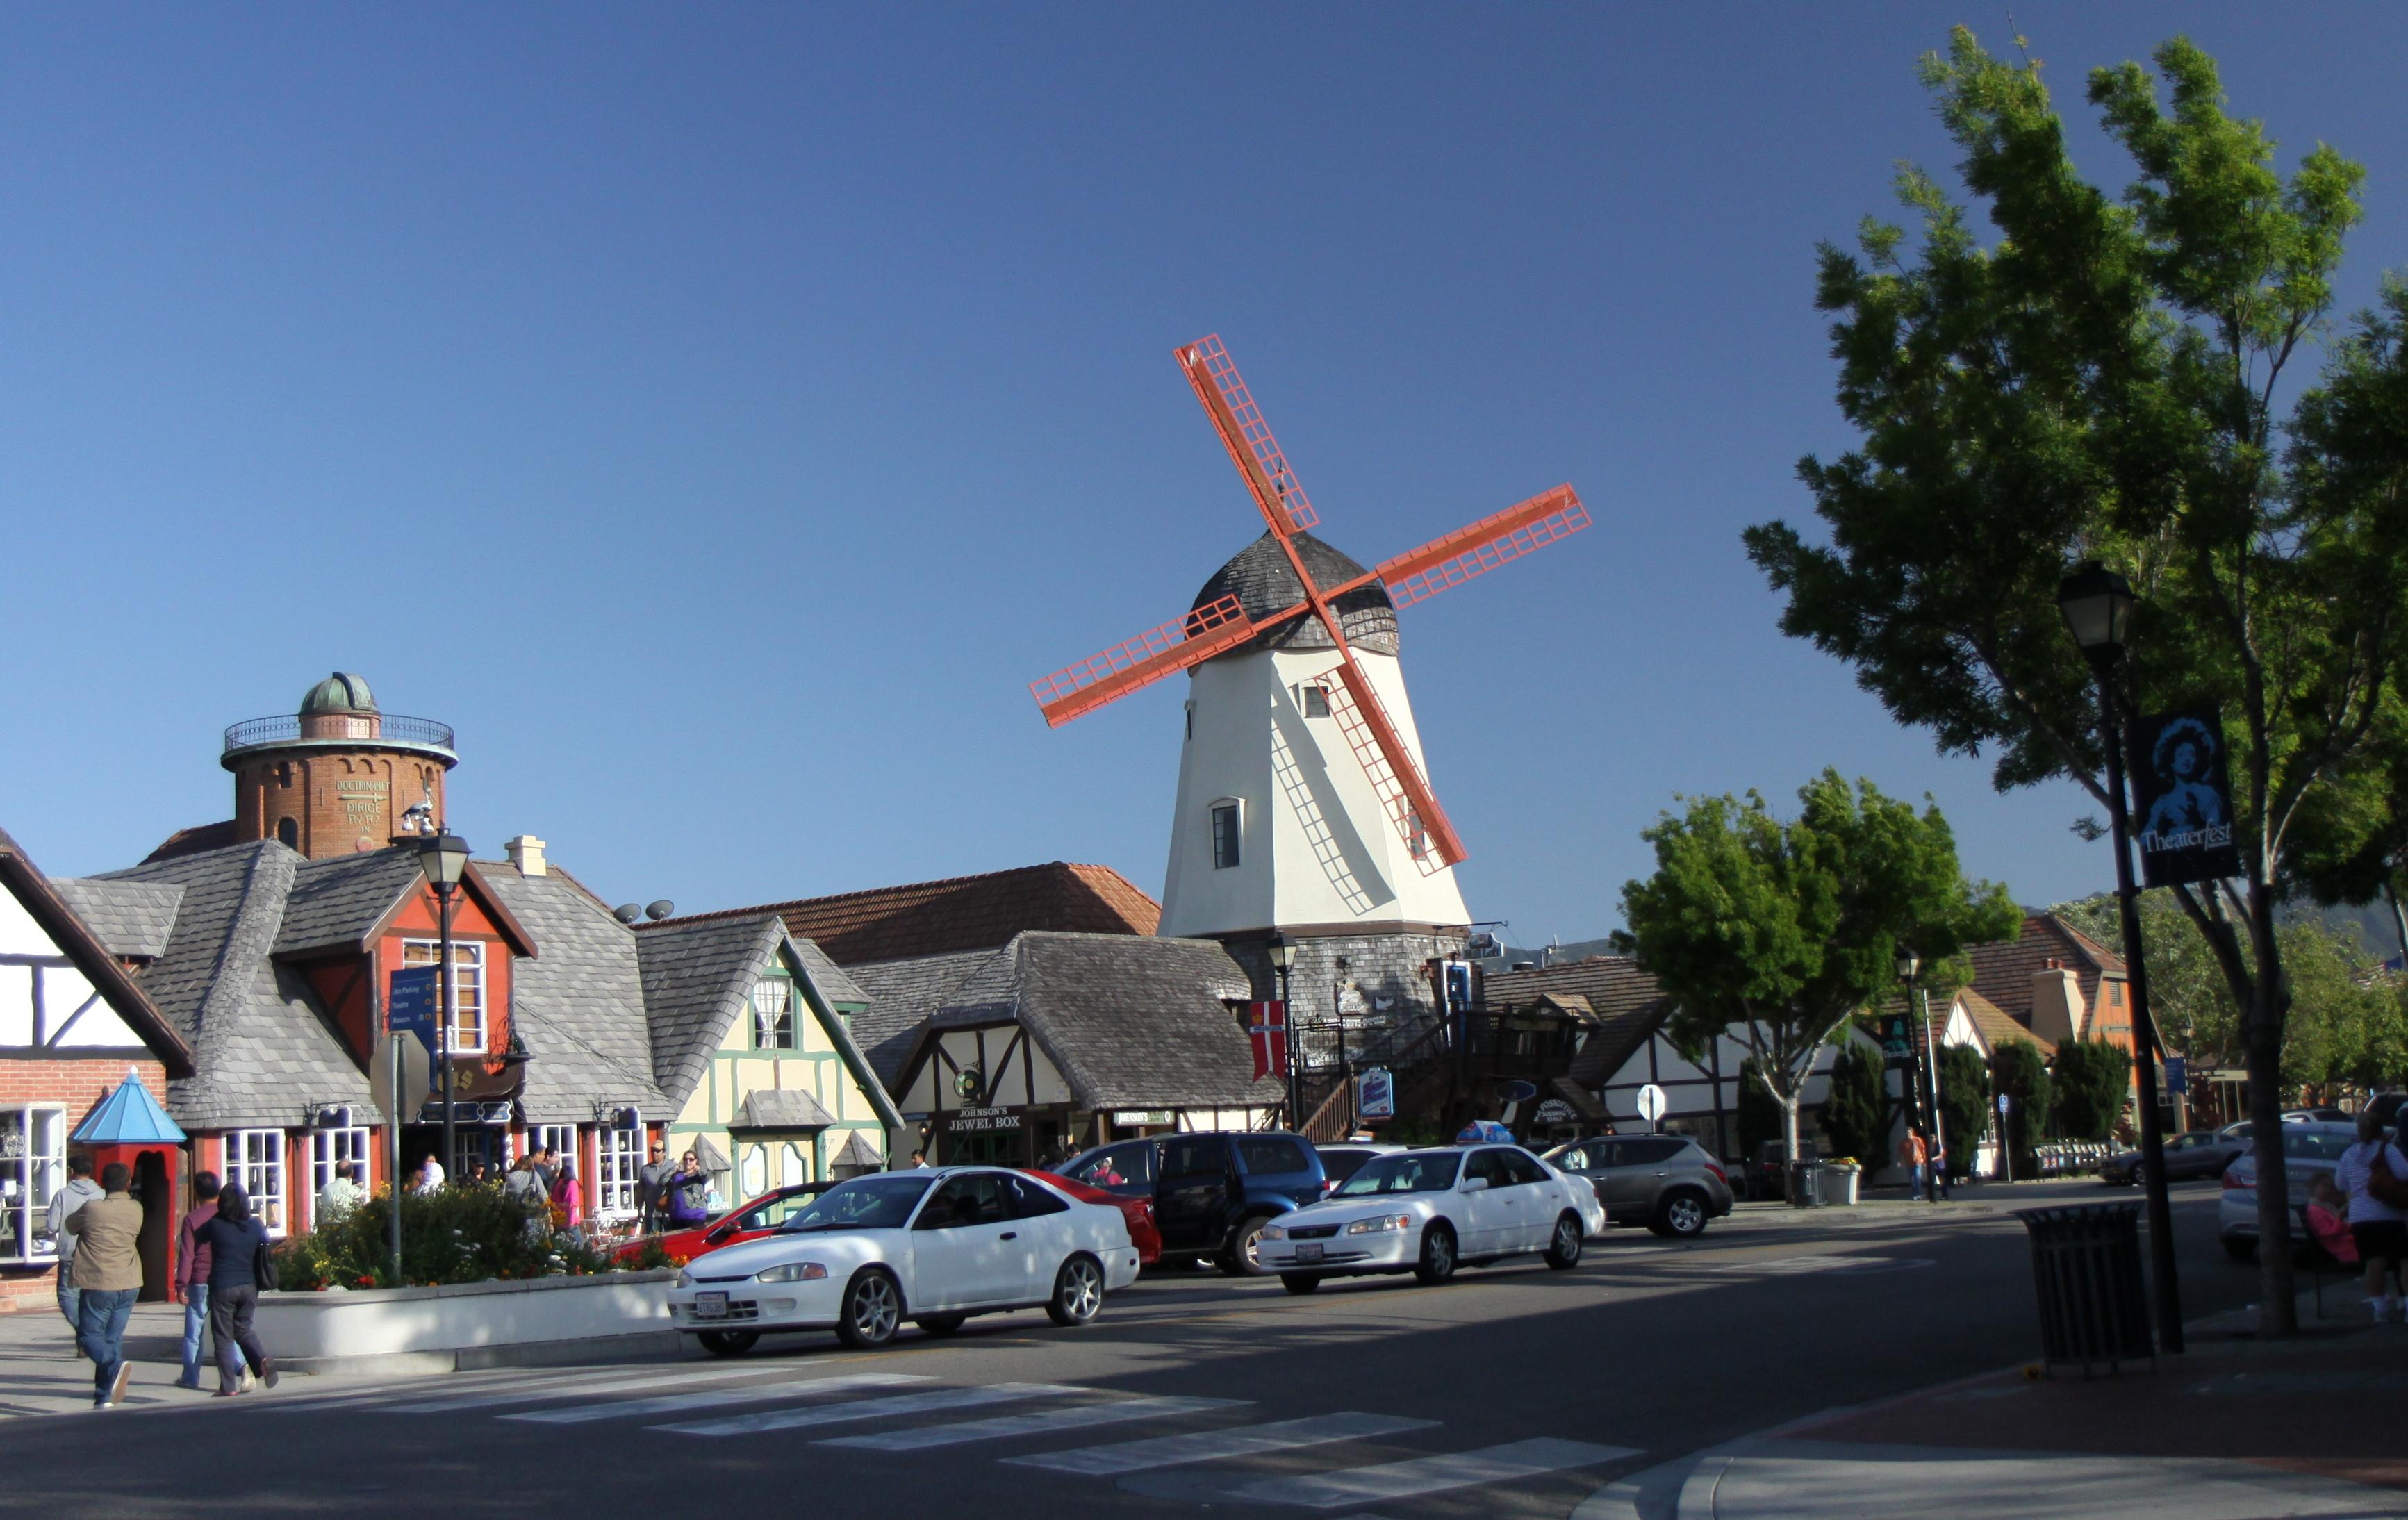 Solvang i Santa Ynez Valley nord for Los Angeles har ikke mindst markedsført sig som turistdestination med henvisning til sine danske rødder. Pressefoto: Solvang Conference & Visitors Bureau – Solvang.com